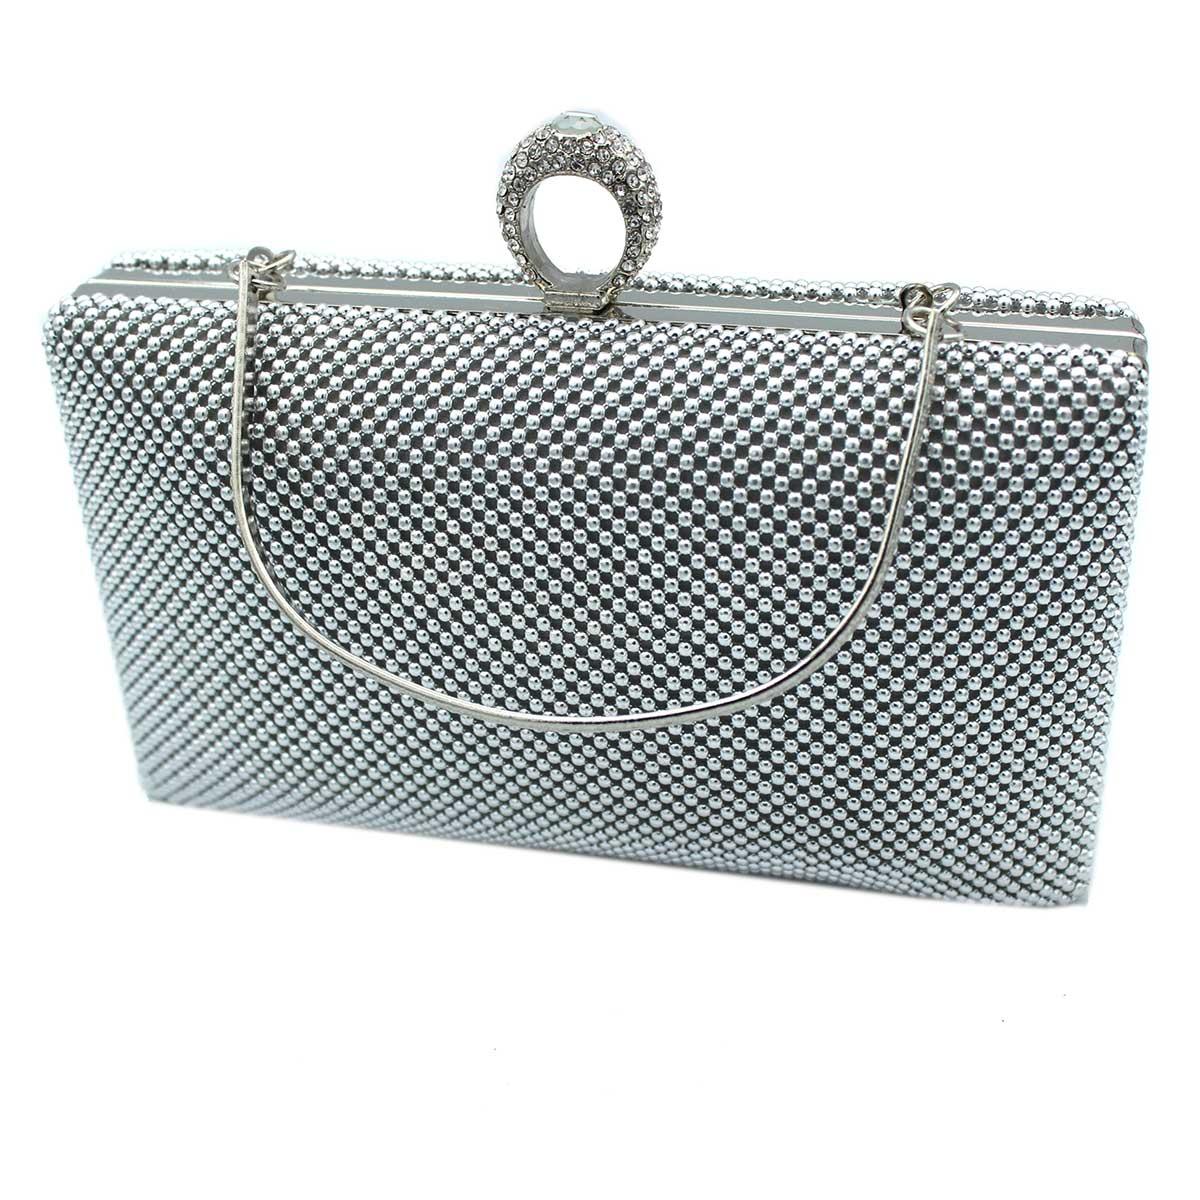 1ca51dc6e9 Borsetta donna pochette da sera clutch con strass MICHELLE MOON v4049  argento